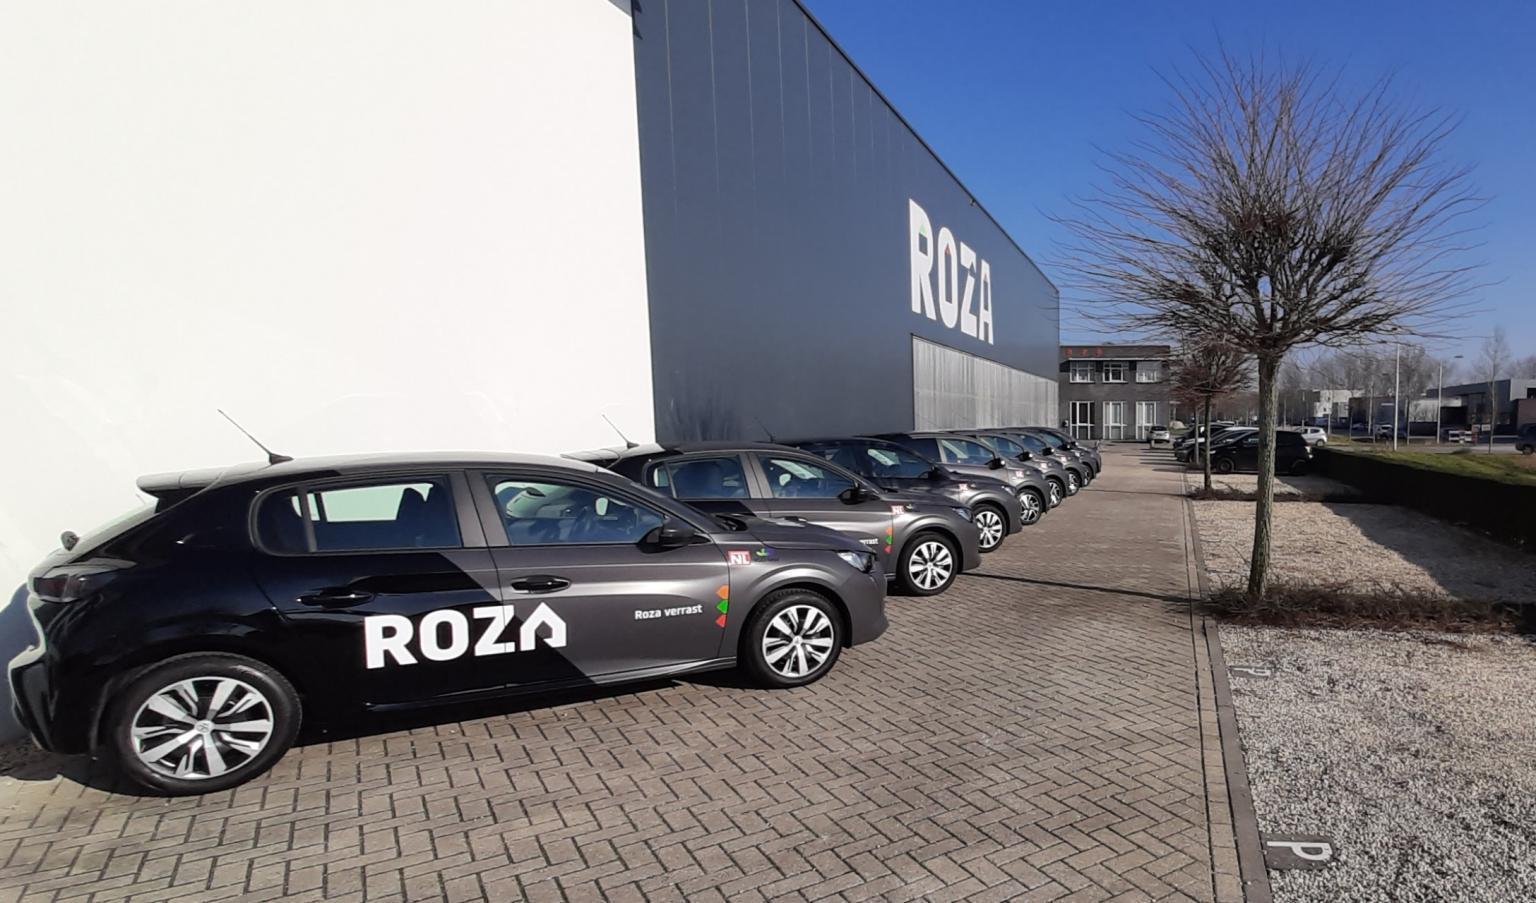 Wagenpark van Roza  Vastgoedonderhoud BV